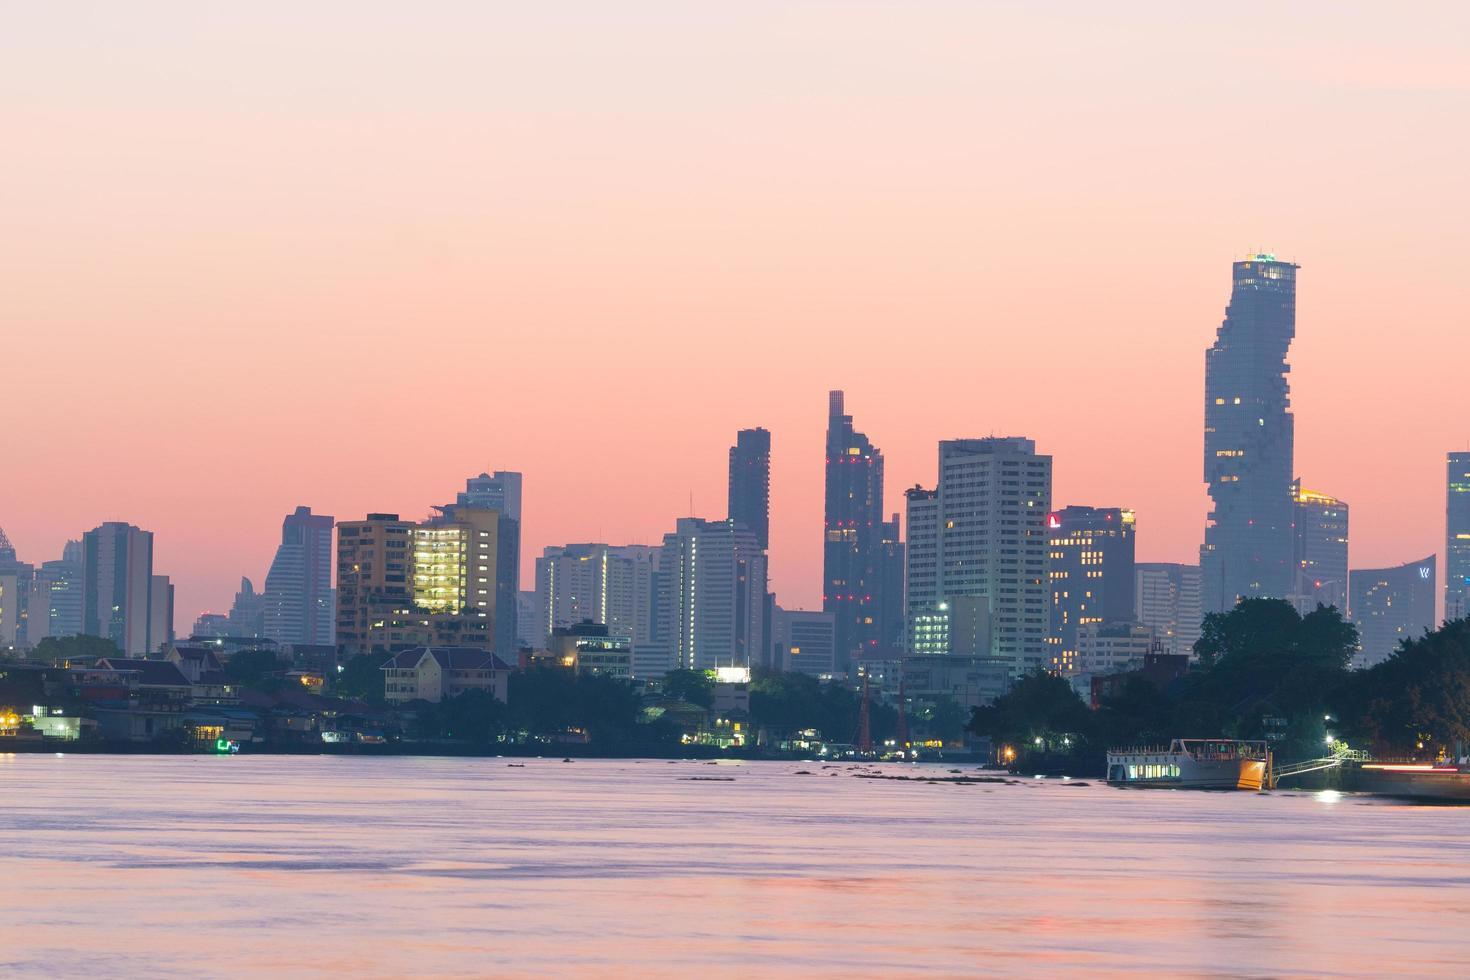 edificio e grattacielo della città di Bangkok foto